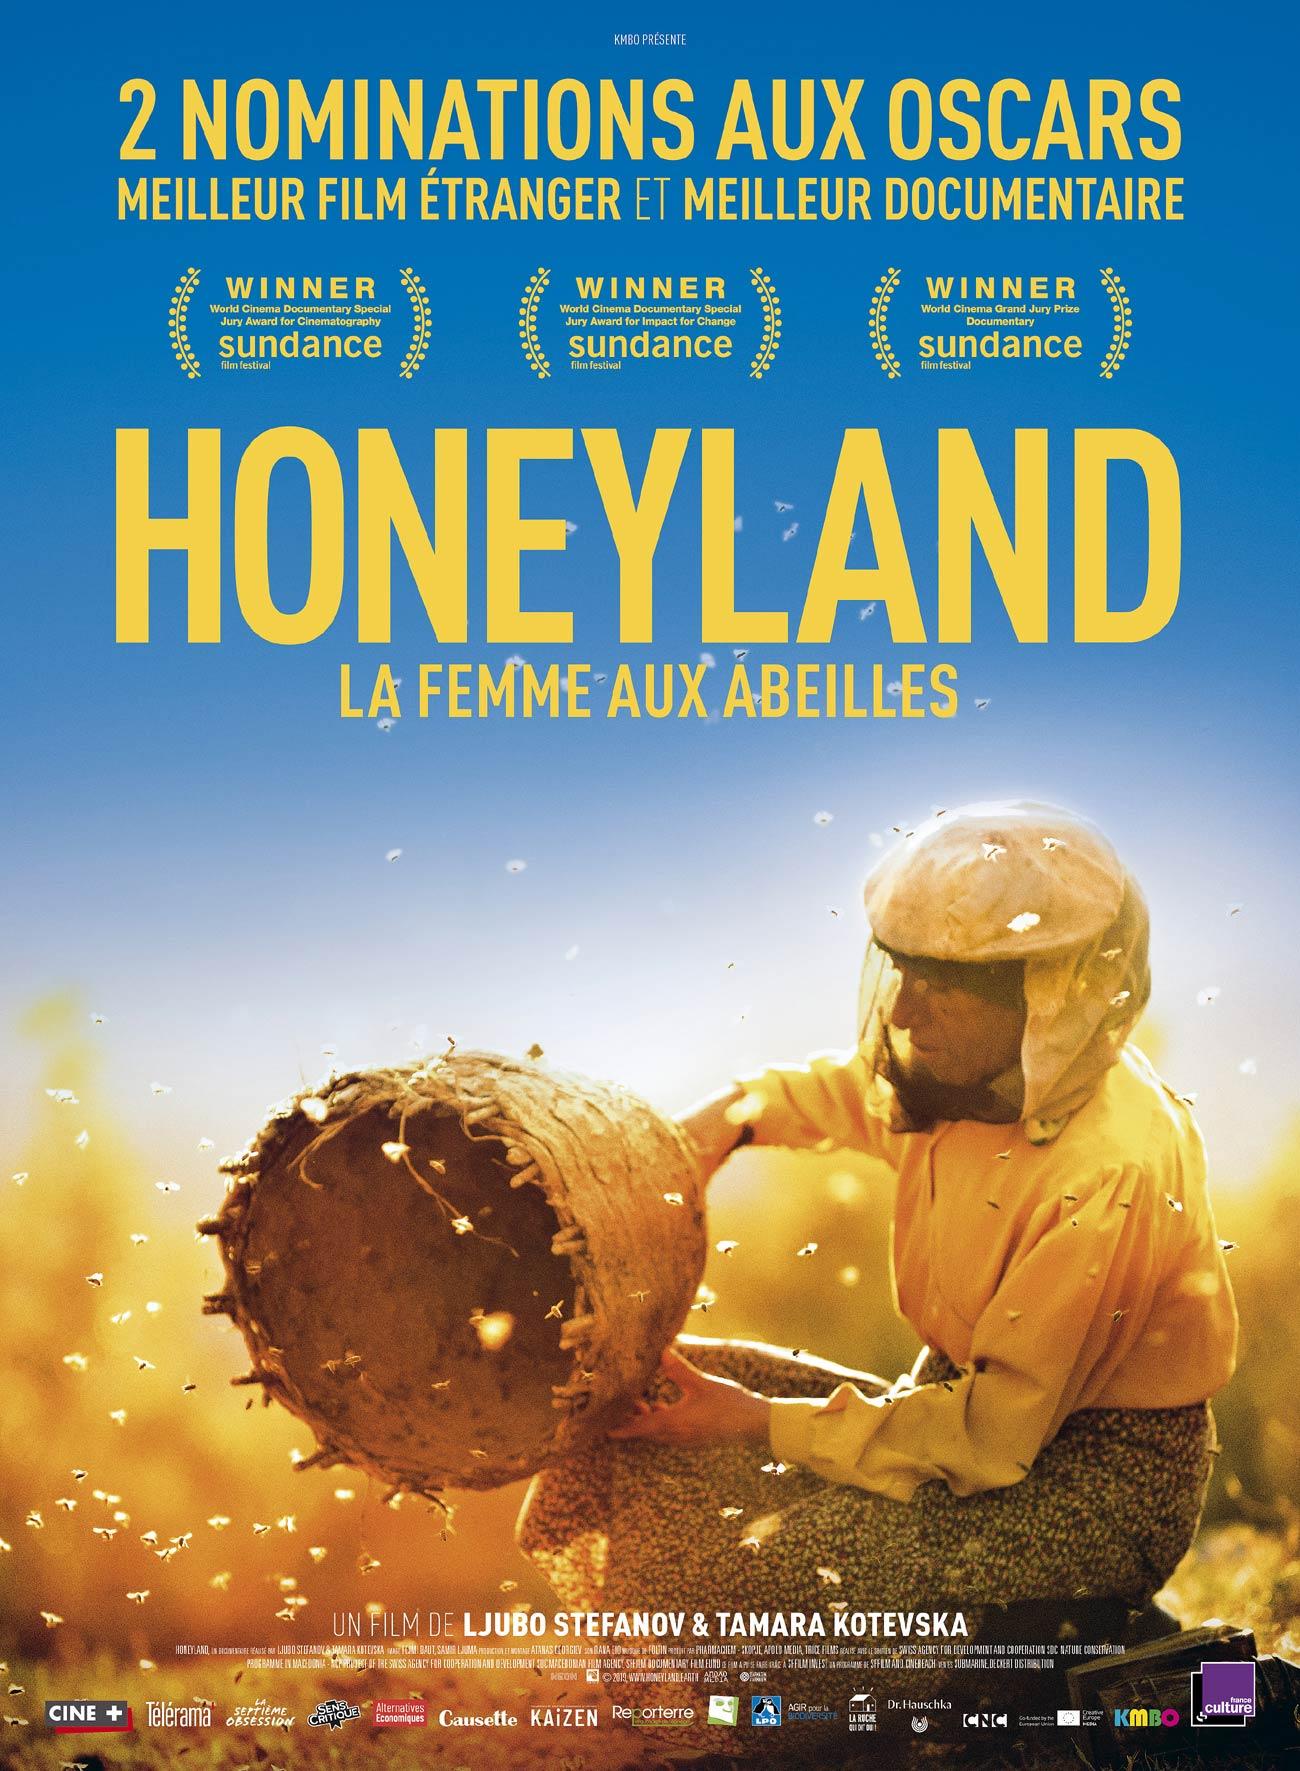 Honeyland : récit de l'incroyable Femme aux Abeilles ! (vidéo sur Bidfoly.com) By MrMondialisation Honeyland